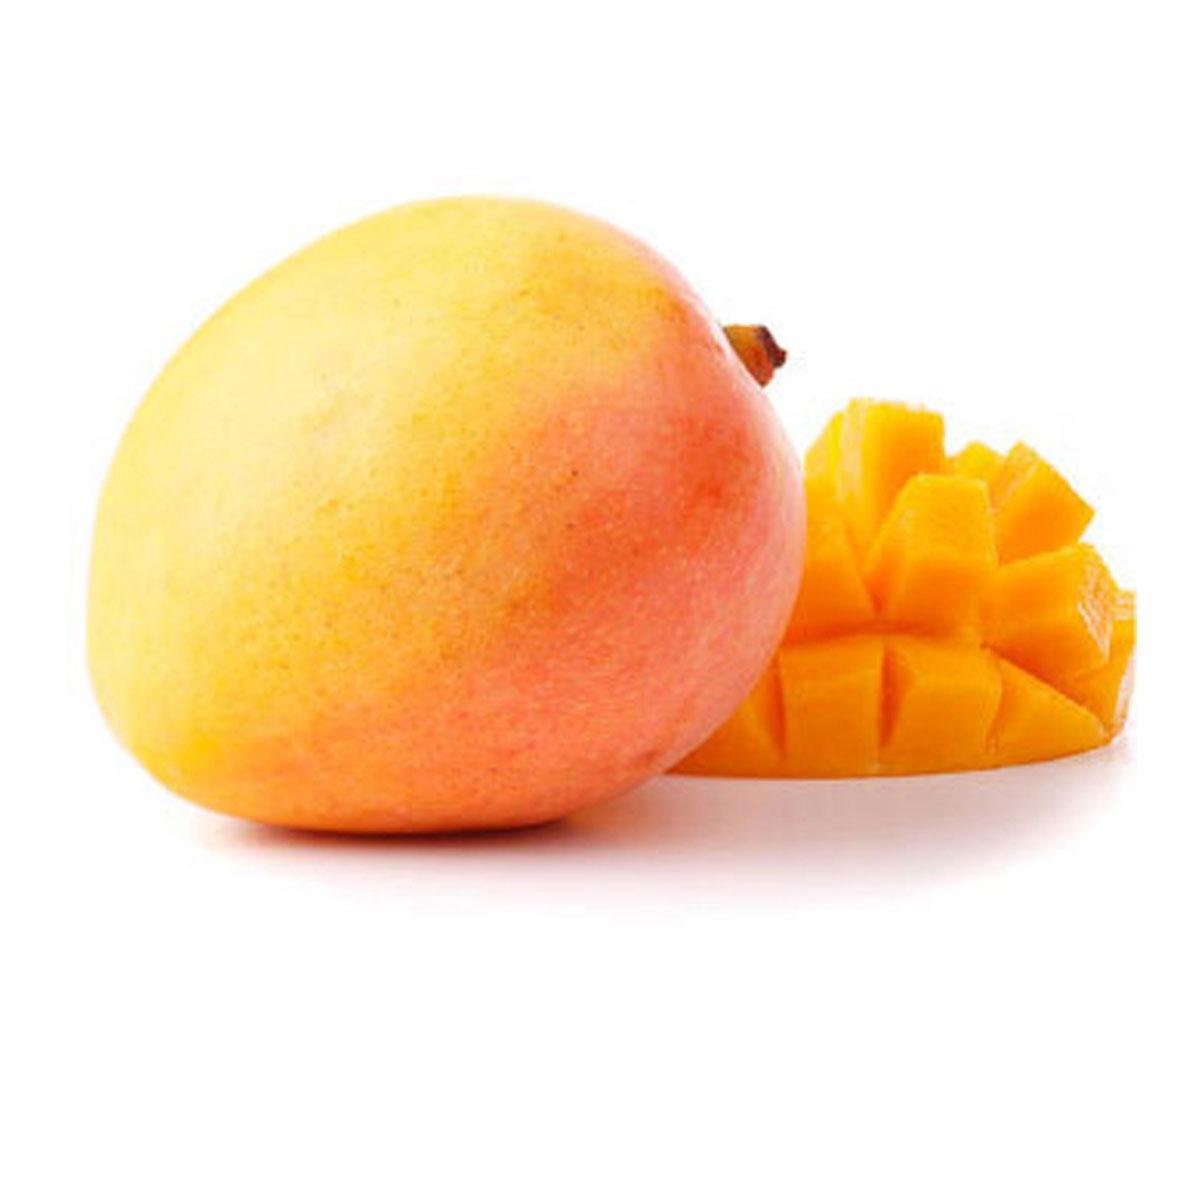 Mango Australia